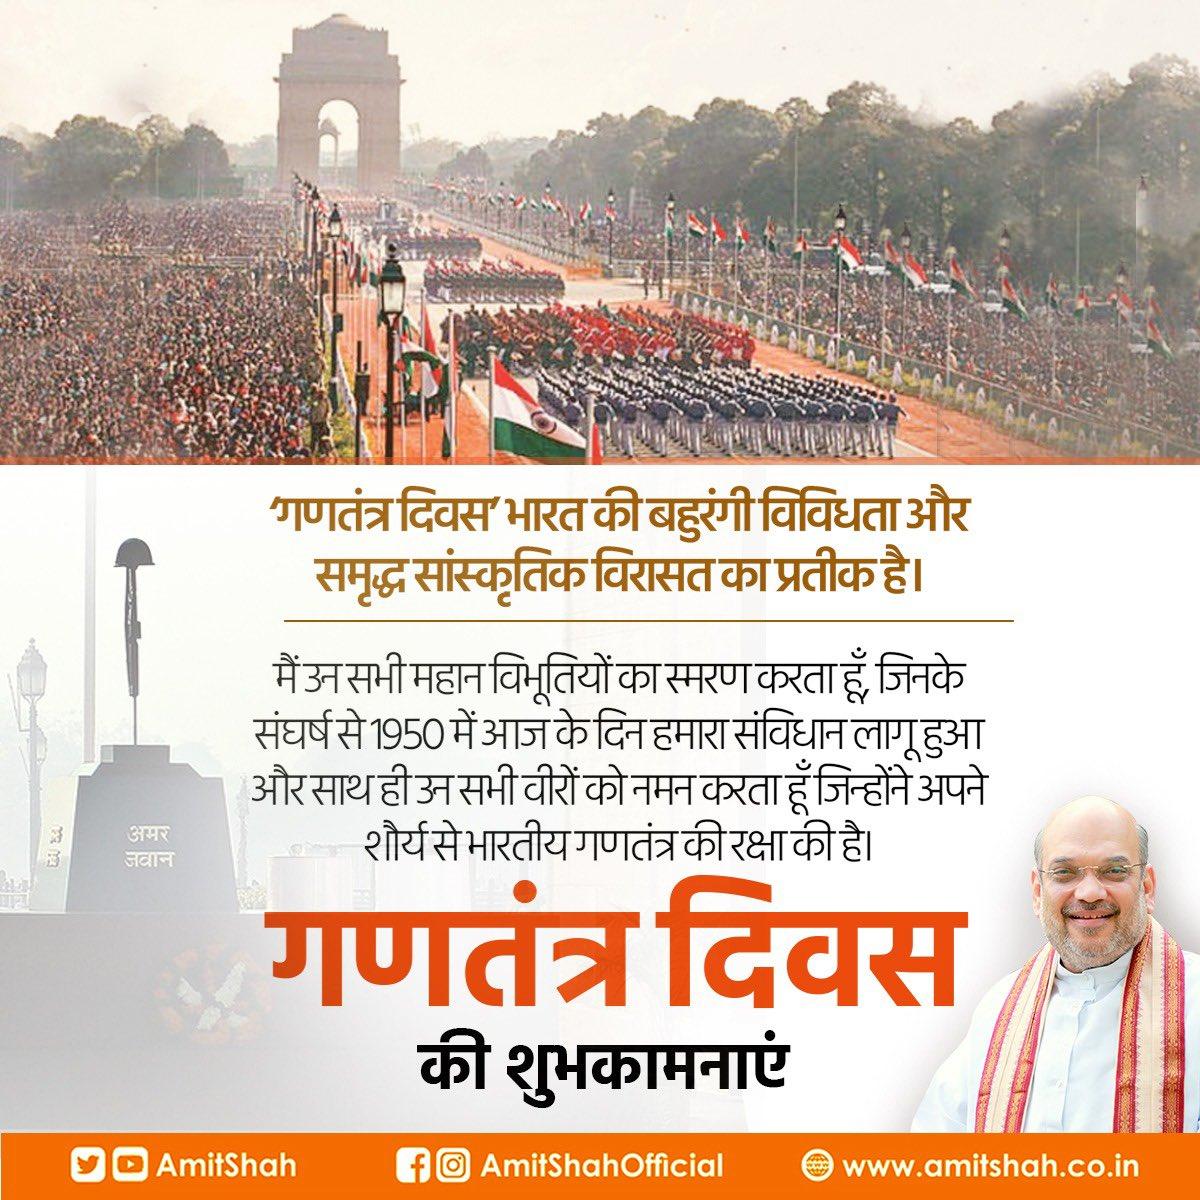 'गणतंत्र दिवस' भारत की बहुरंगी विविधता और समृद्ध सांस्कृतिक विरासत का प्रतीक है।  मैं उन सभी महान विभूतियों का स्मरण करता हूँ, जिनके संघर्ष से 1950 में आज के दिन हमारा संविधान लागू हुआ और साथ ही उन सभी वीरों को नमन करता हूँ जिन्होंने अपने शौर्य से भारतीय गणतंत्र की रक्षा की है।